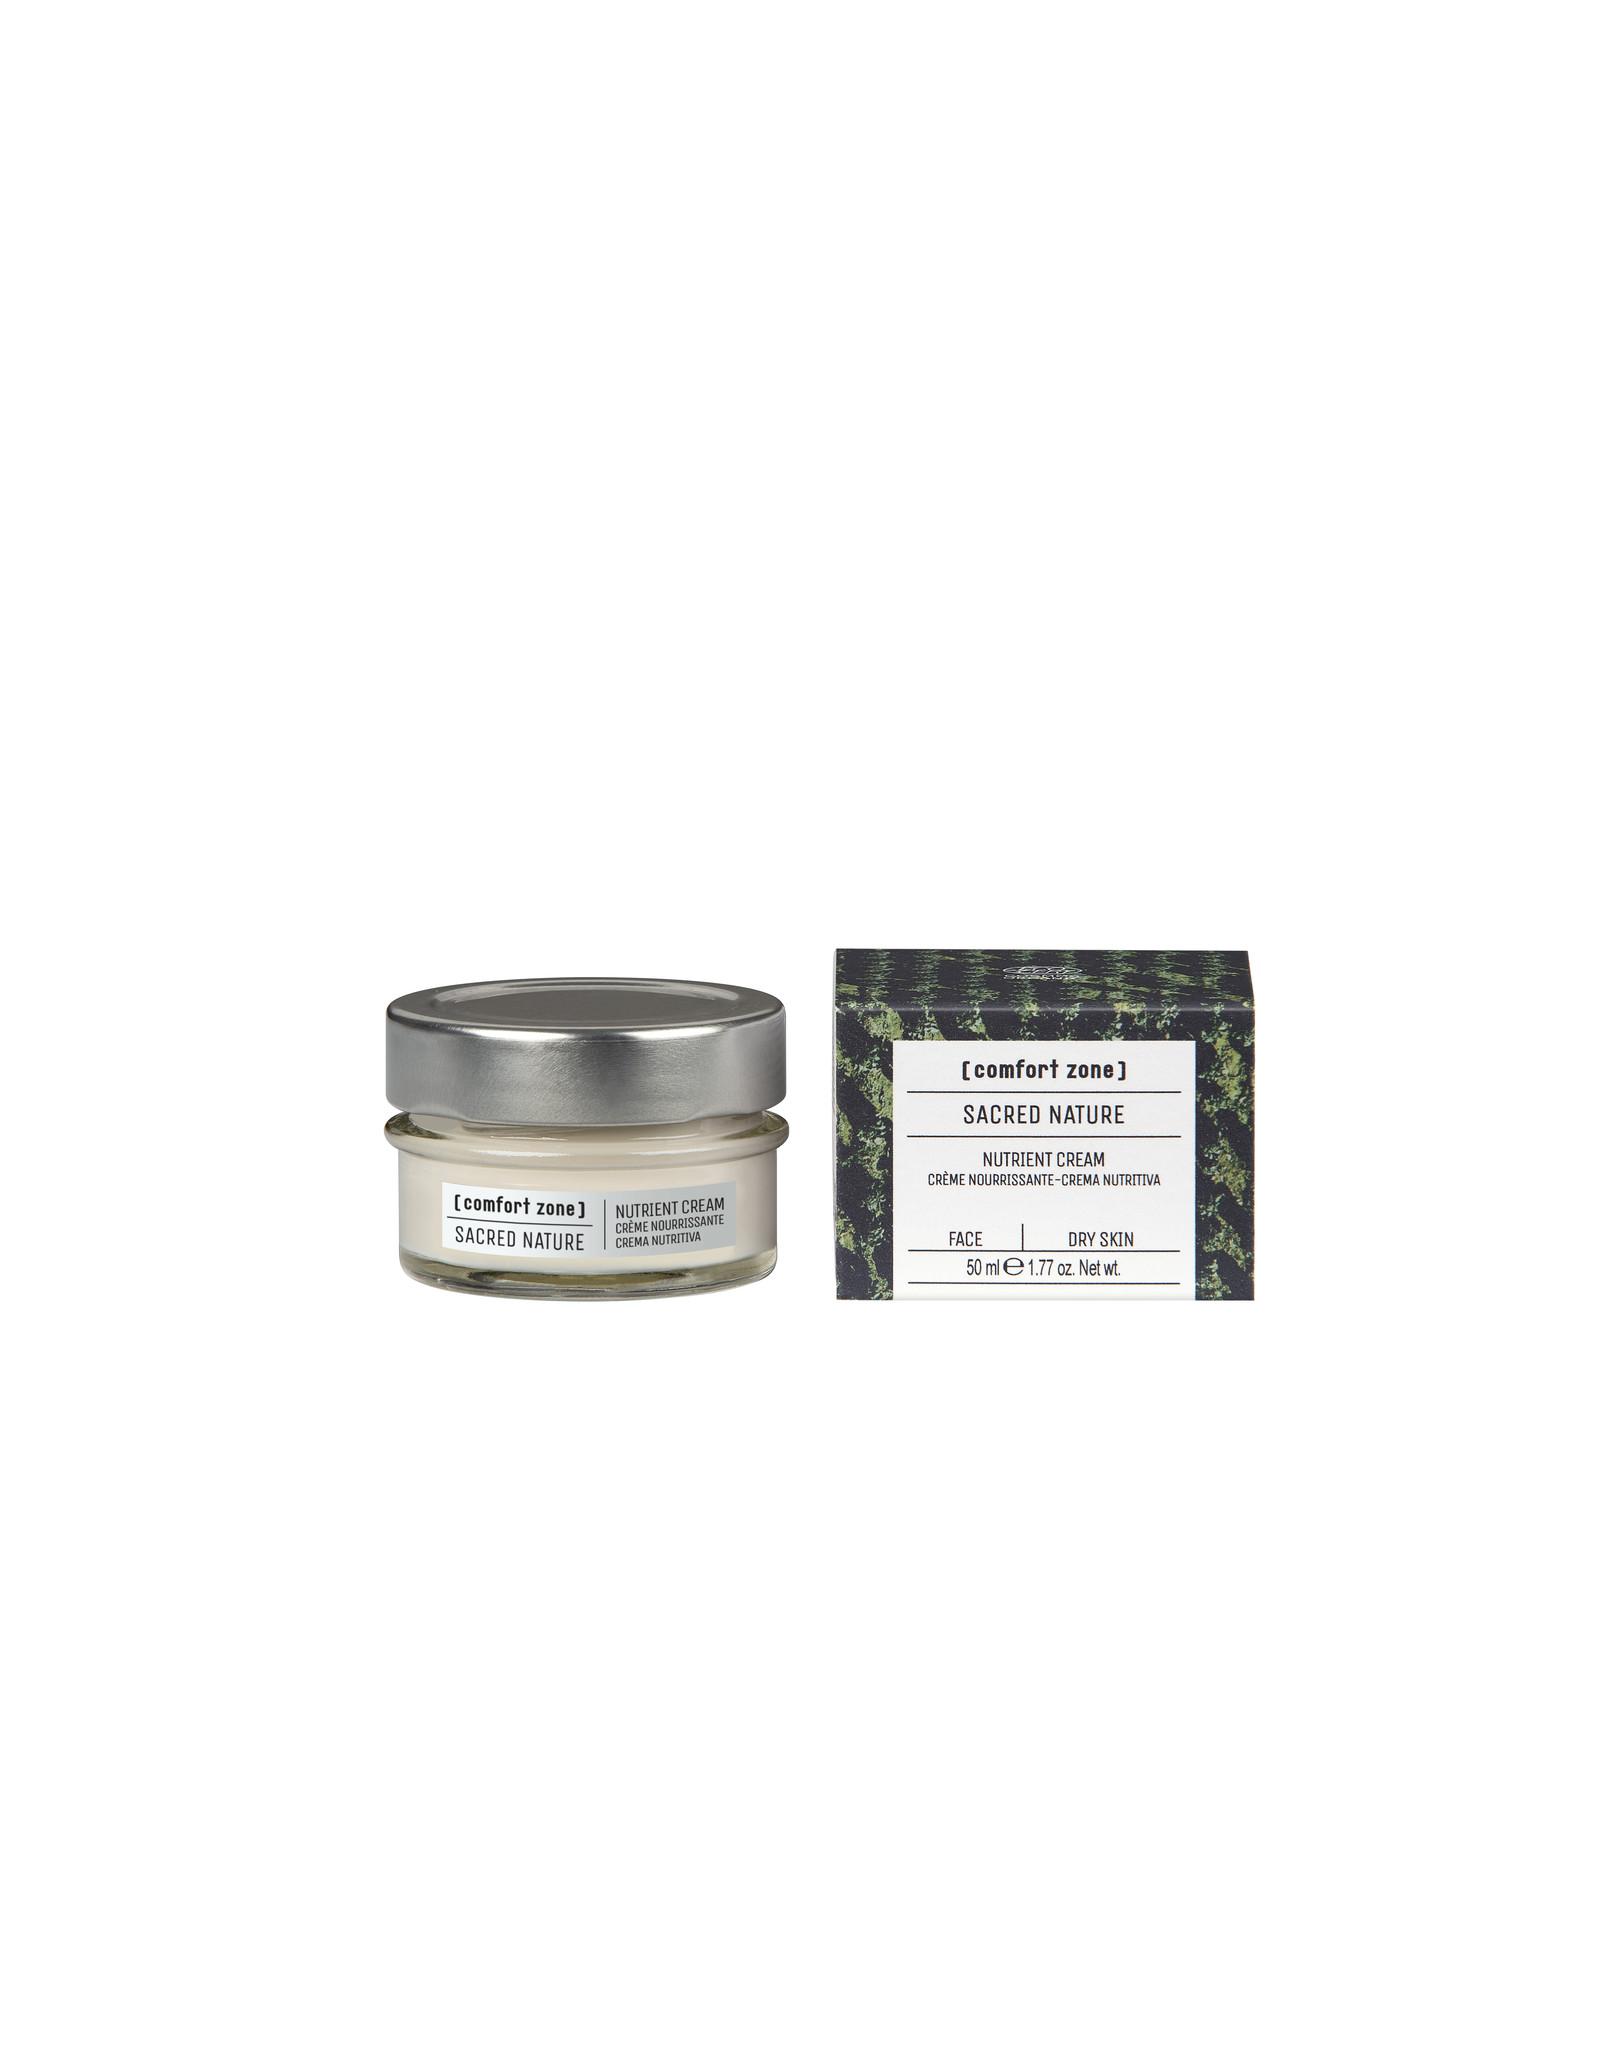 [Comfort Zone] Sacred Nature Nutrient Cream Pot 50 ml